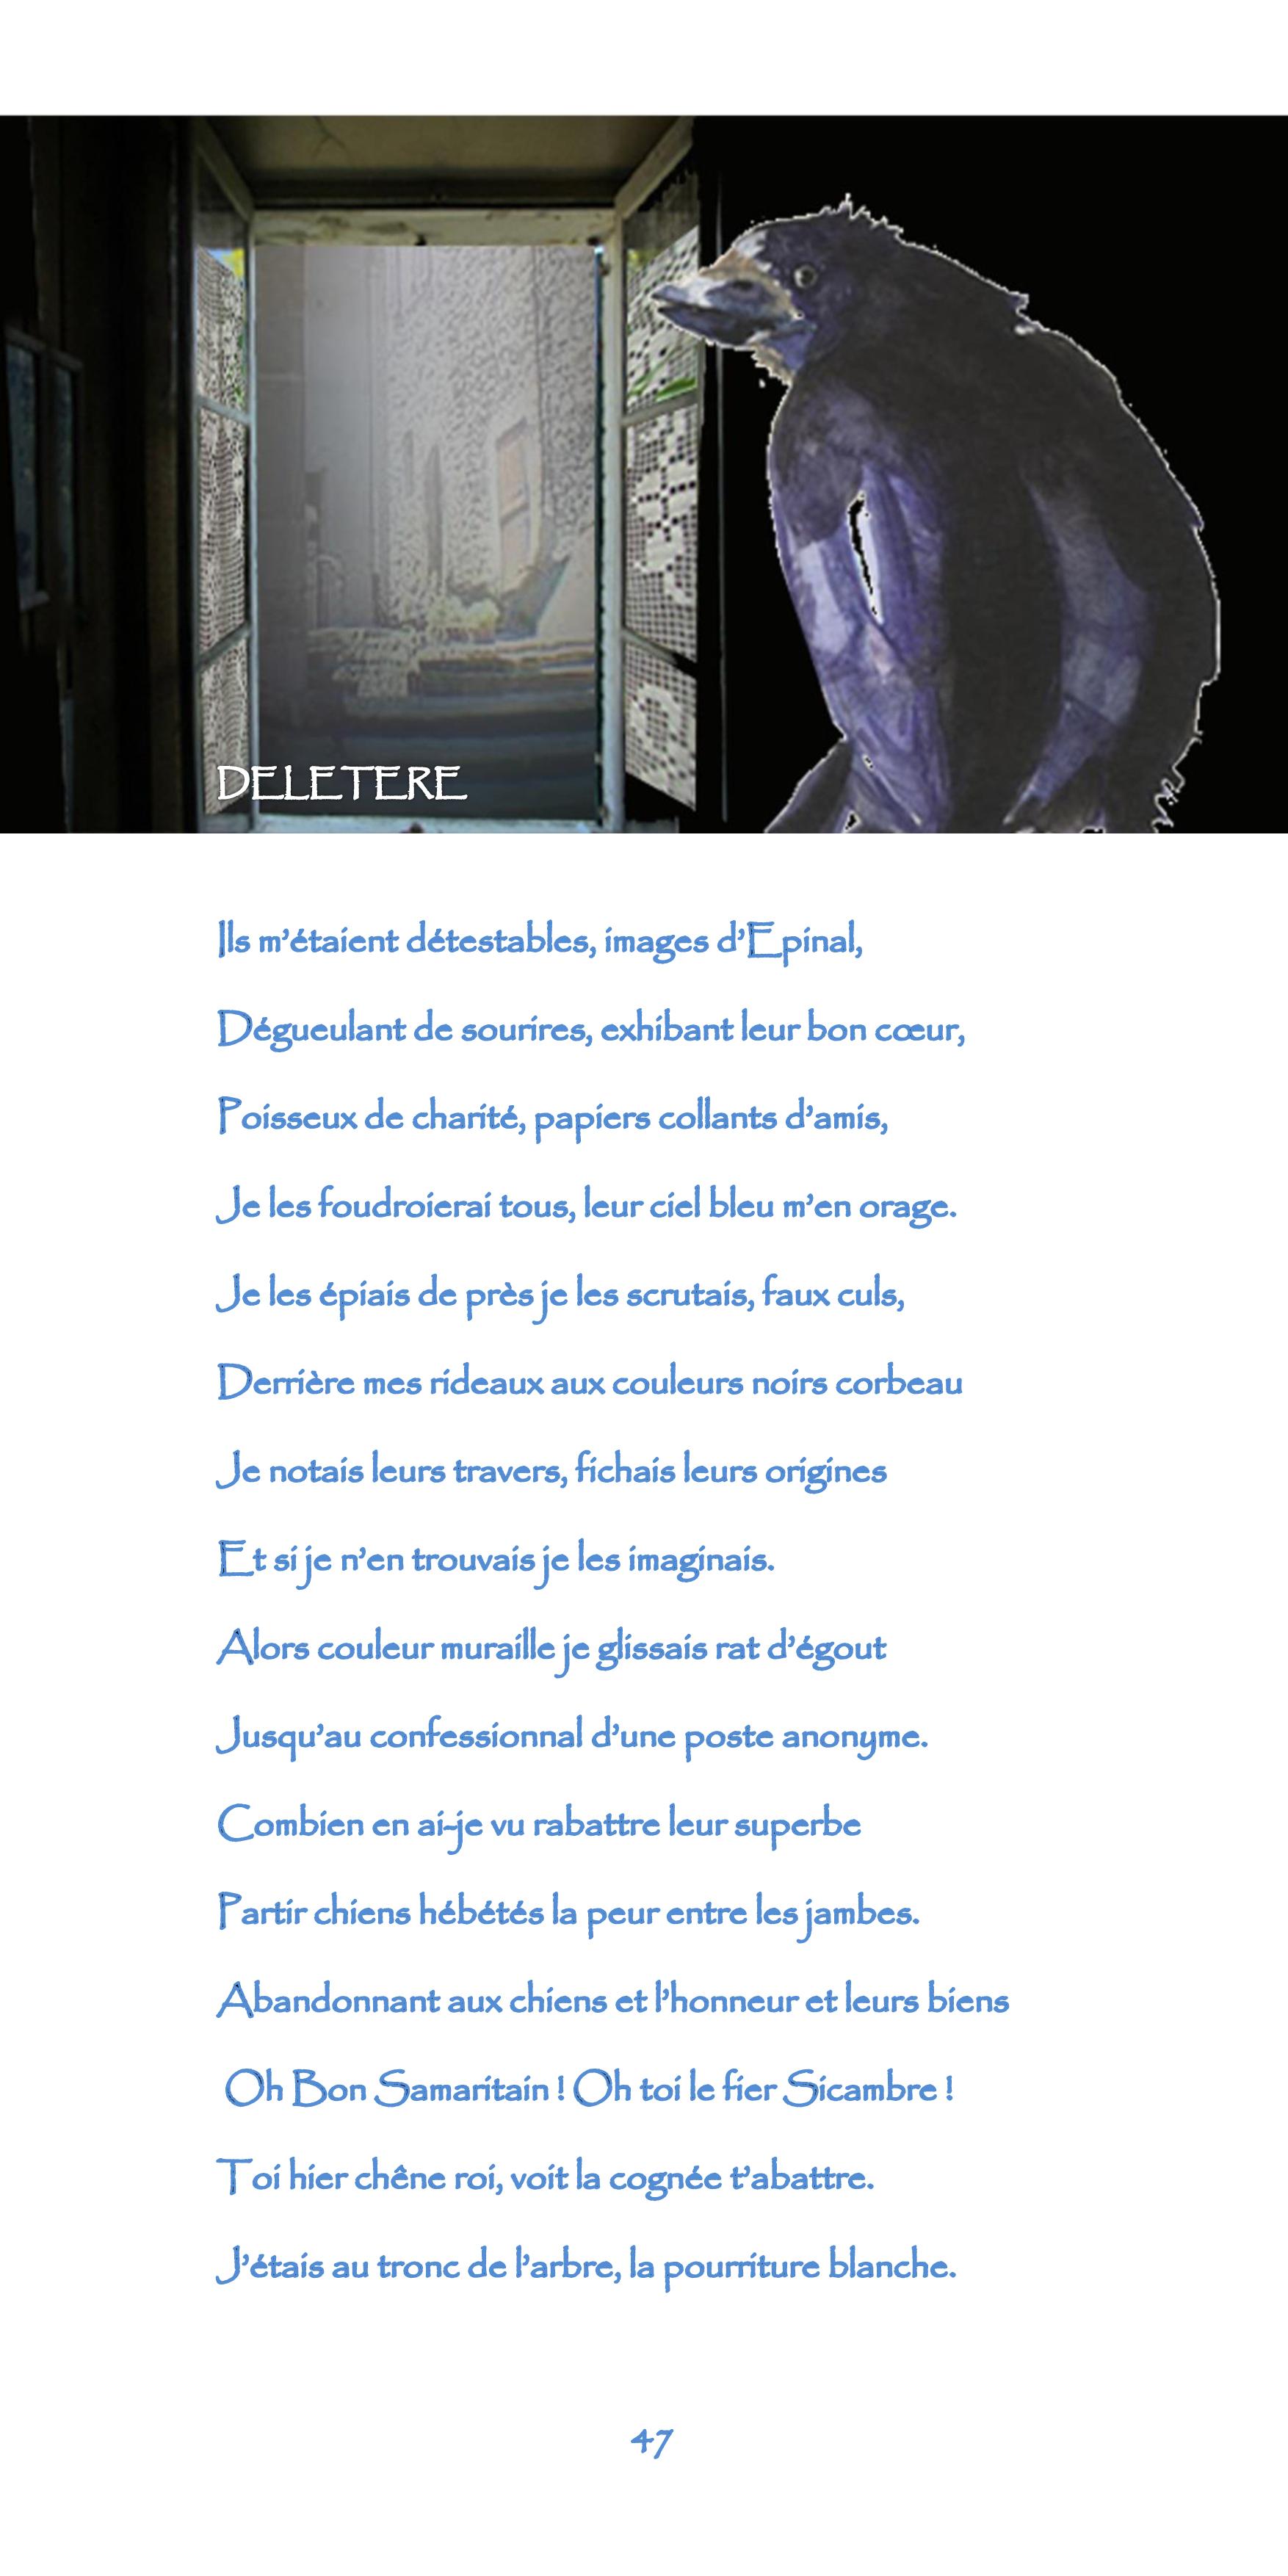 47-nègre bleu-Deletere.jpg